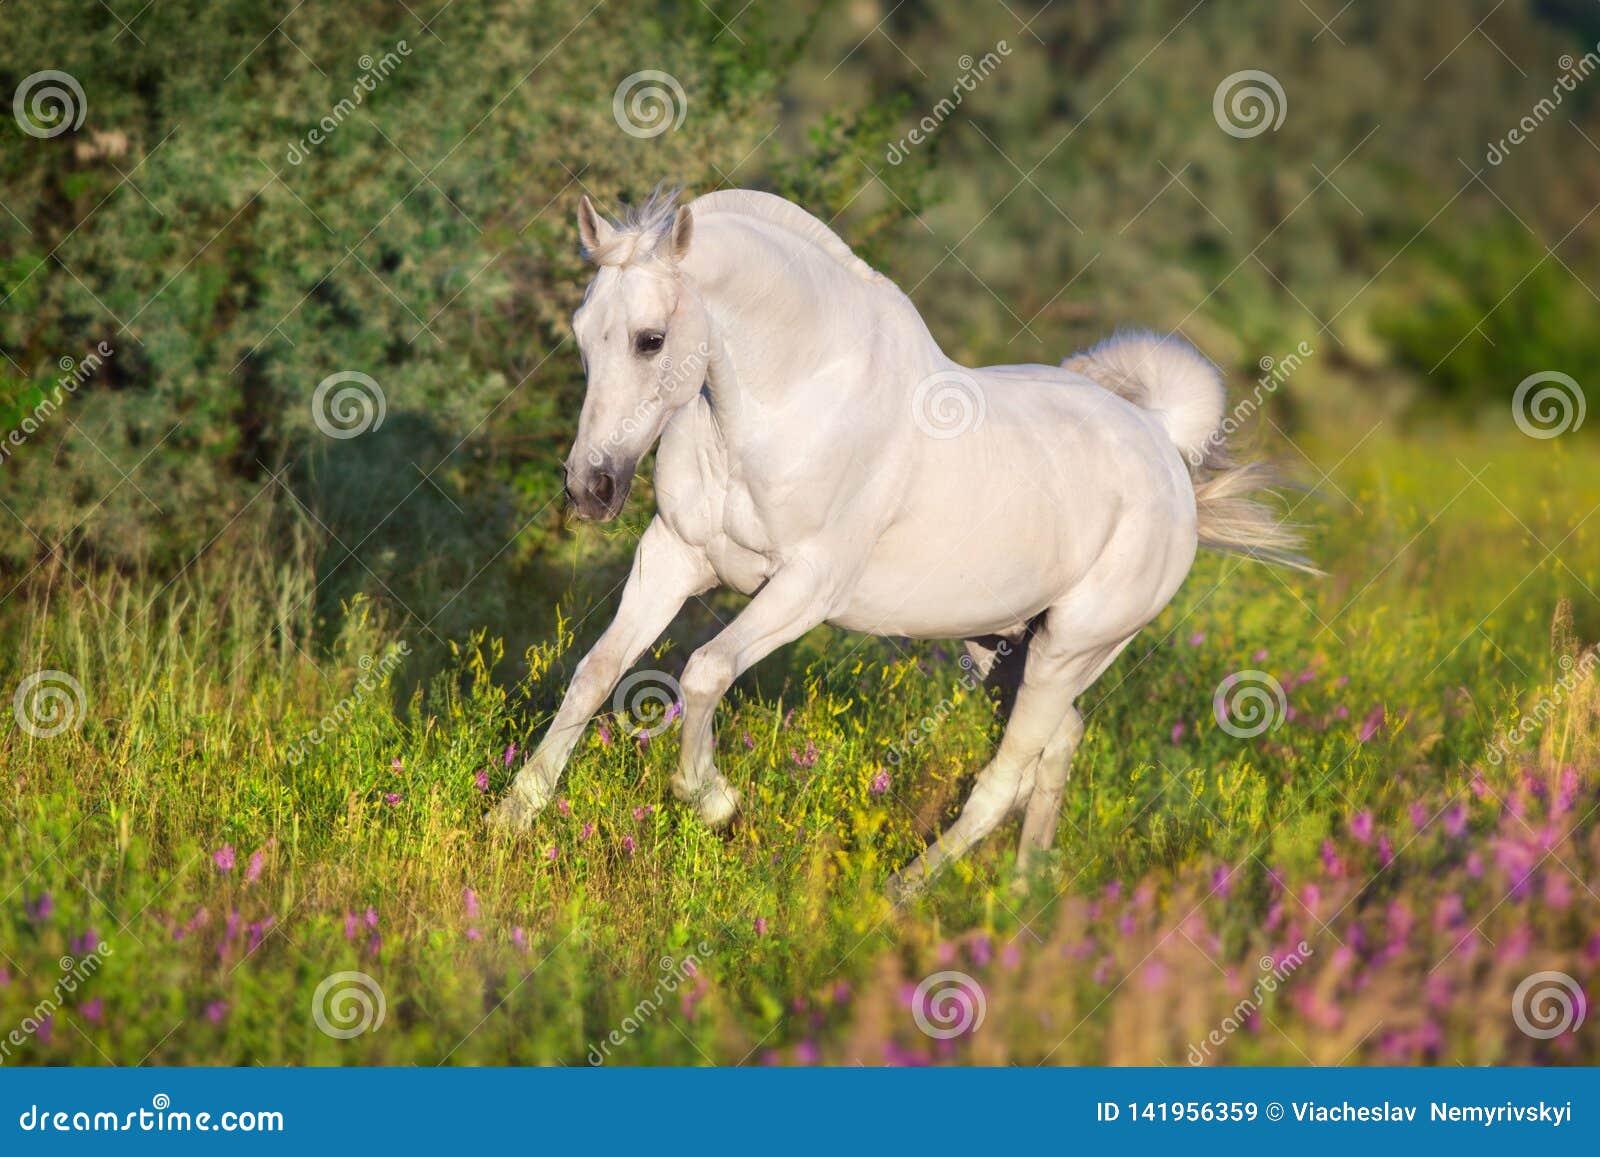 White arabian stallion